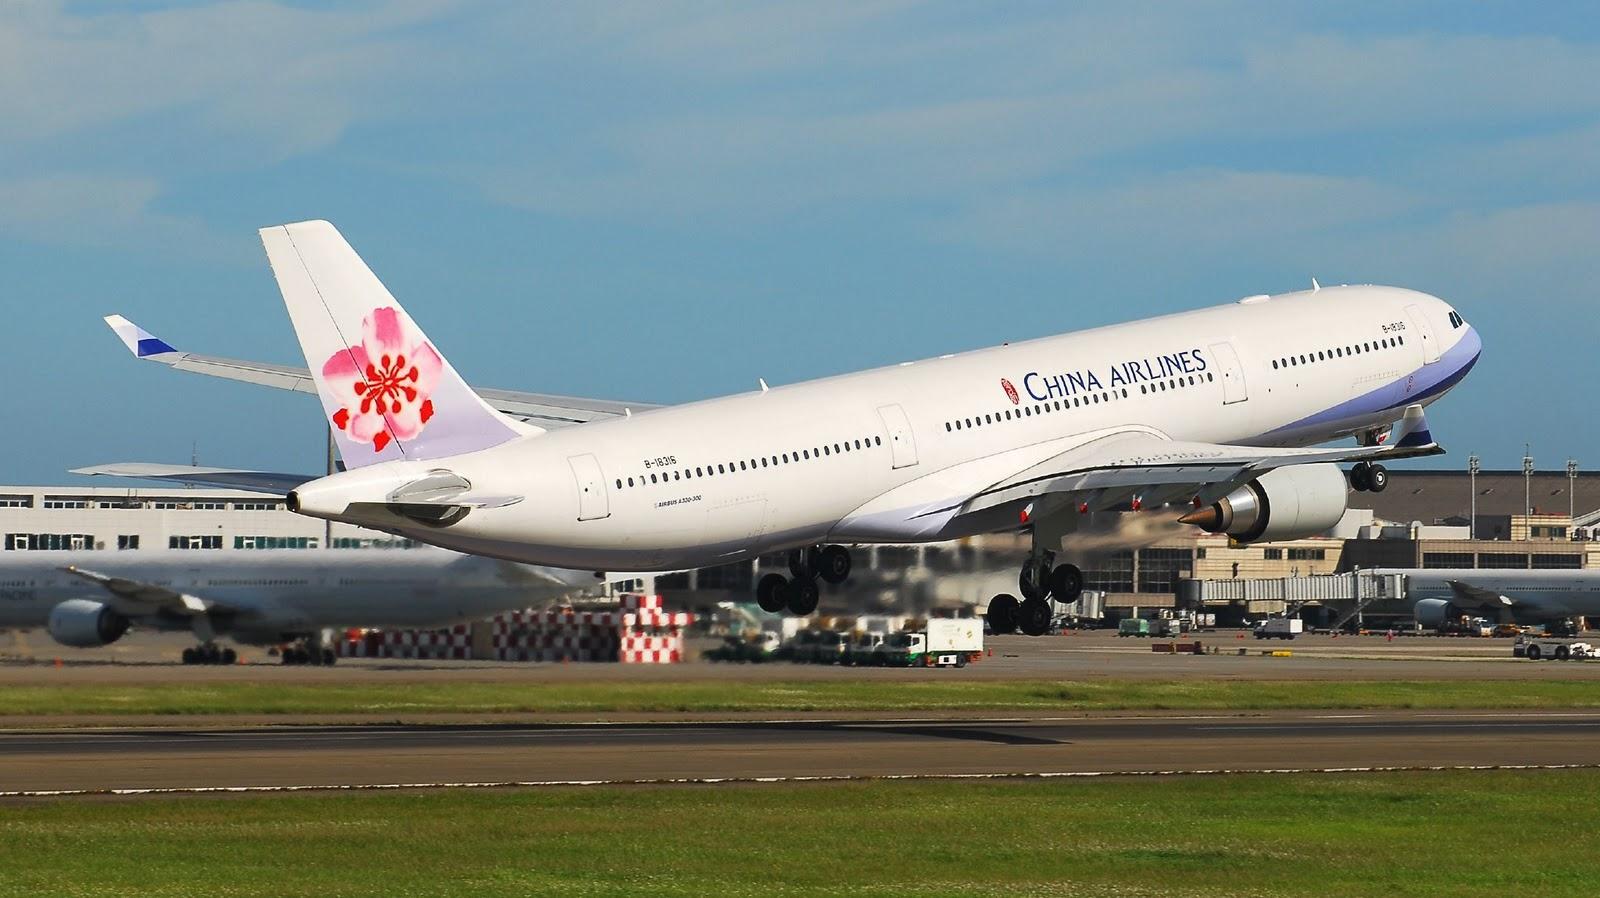 http://3.bp.blogspot.com/_ja676MG45Zg/TQ9a79TiN-I/AAAAAAAAExw/aDWQEKoiDf4/s1600/china-airlines-airbus-a330-300-takeoff.jpg